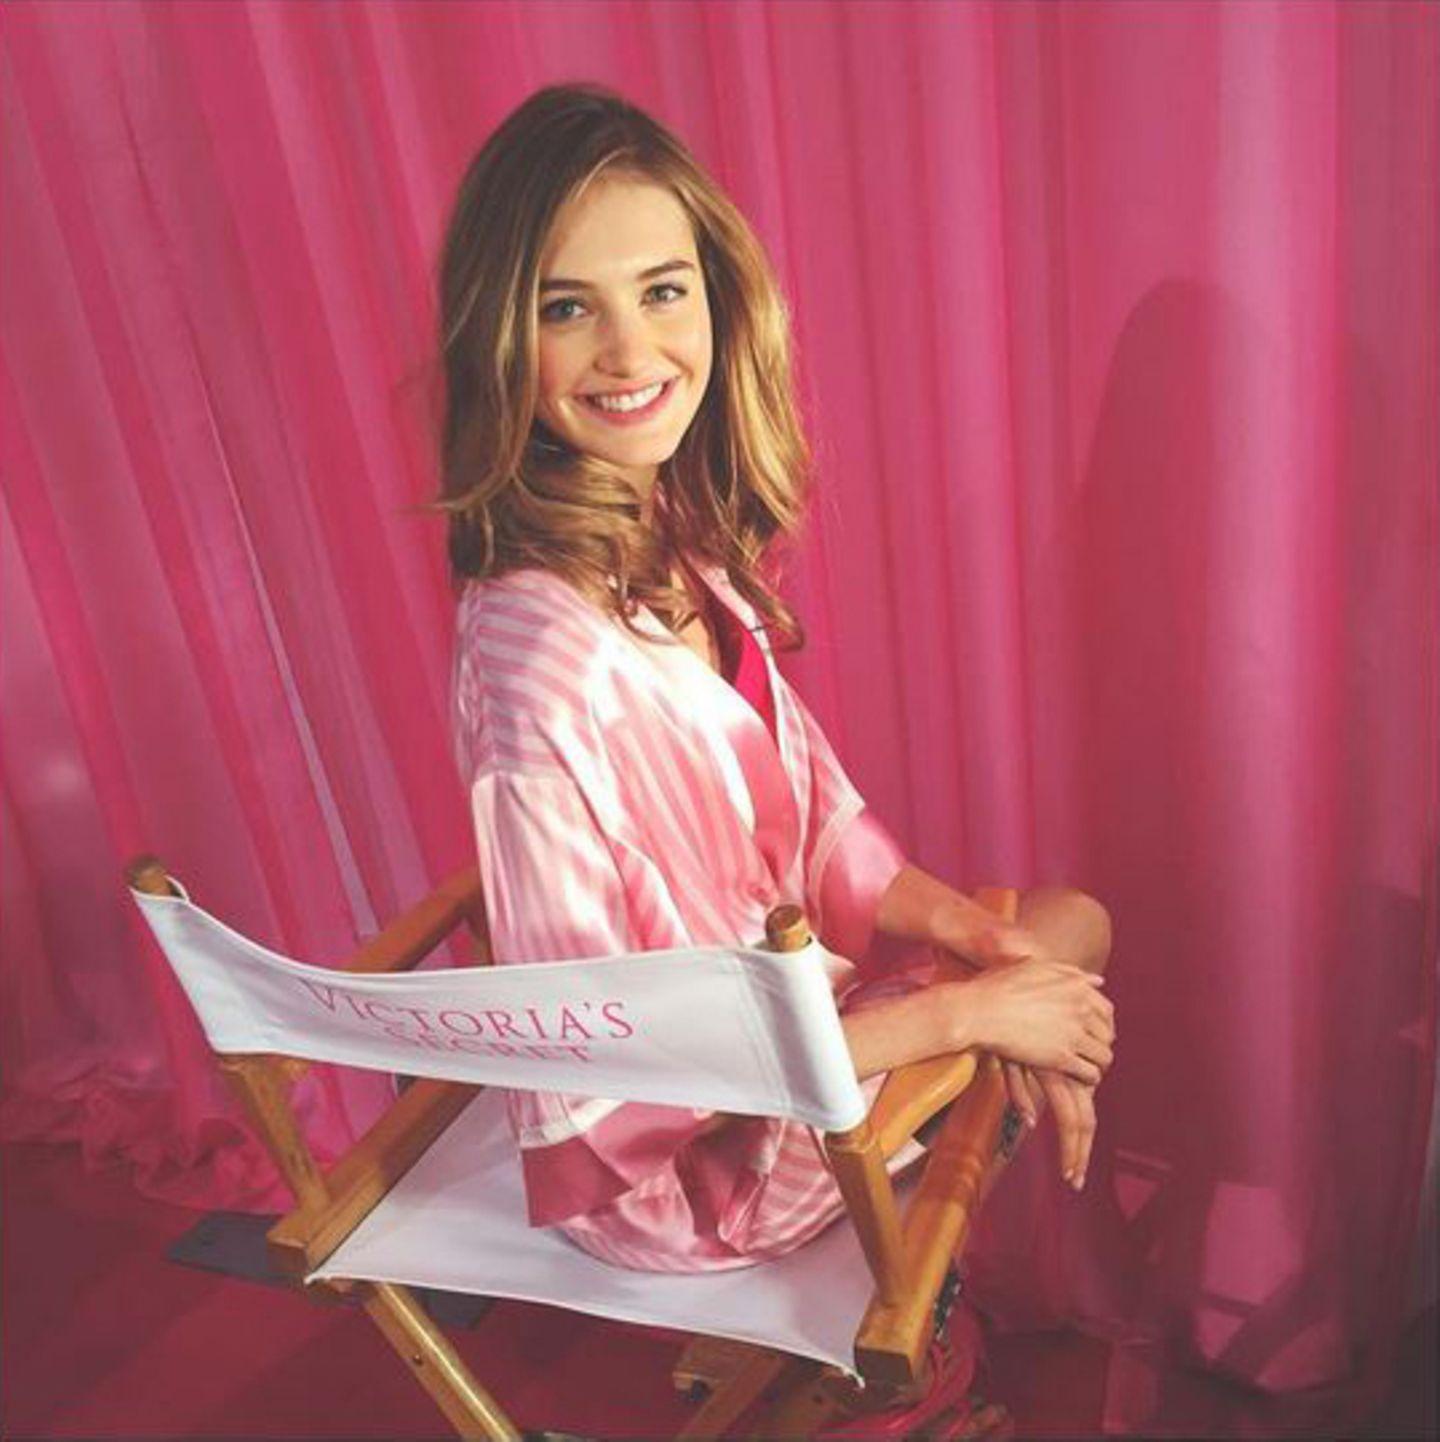 """Pinke Vorhänge, rosa gestreifte Satin-Morgenmäntel und Regiestühle mit Neon-Logo: Die Holländerin Sanne Vloet zeigt auf Instagram, wie durchgestylt das Backstage-Interior bei """"Victoria's Secret"""" ist."""